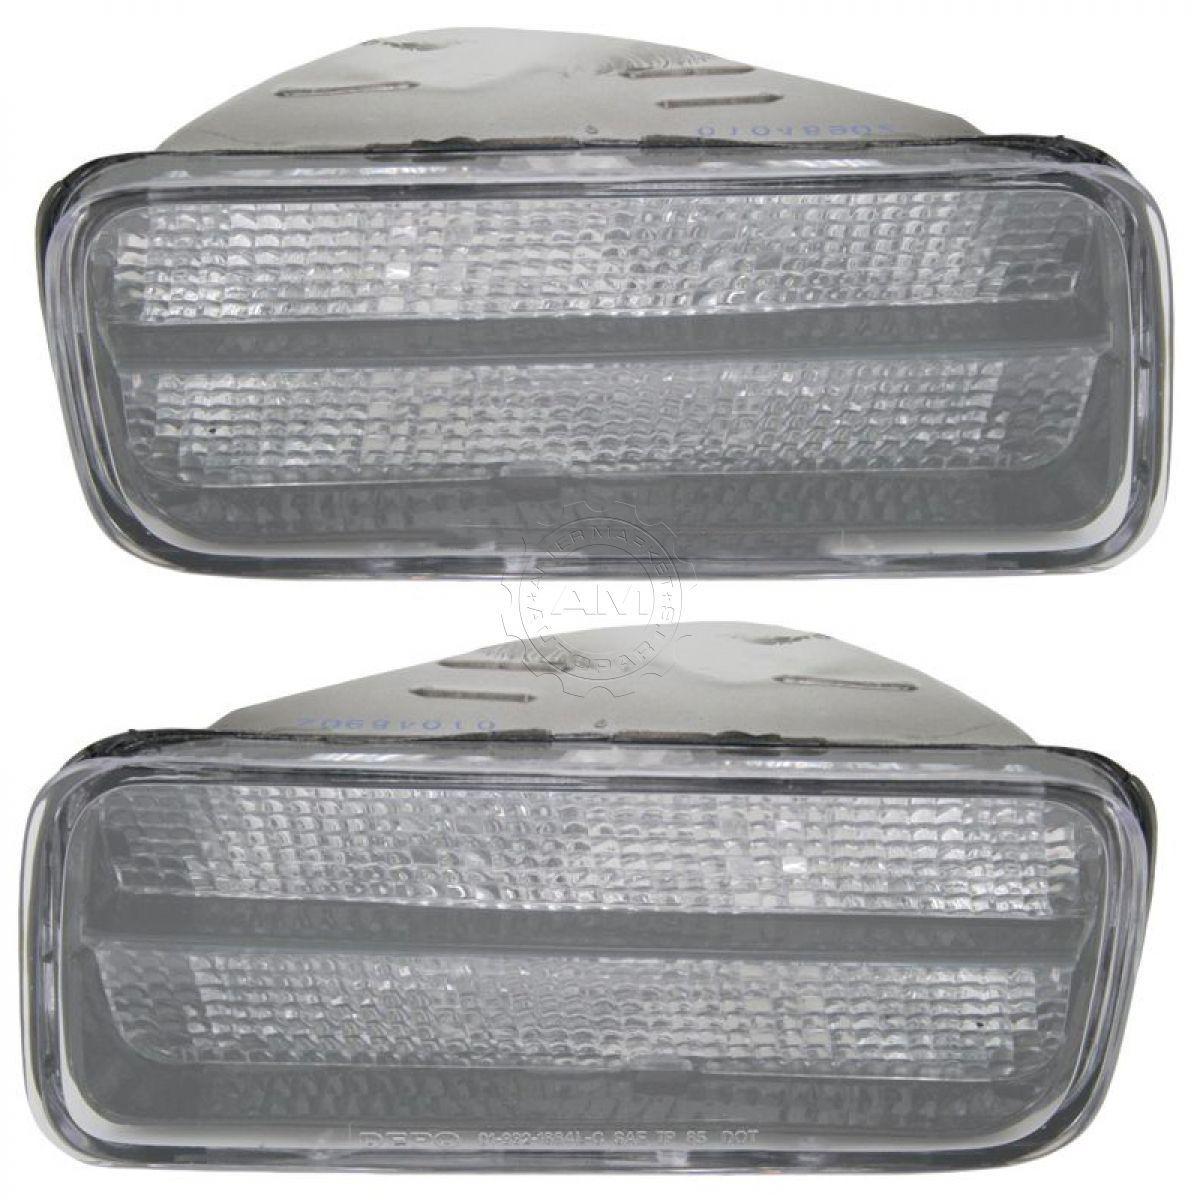 コーナーライト Side Corner Parking Light Lamp Clear Pair Set for 85-92 Chevrolet Camaro Z28 サイドコーナーパーキングライトランプクリアペア85-92シボレーカマロZ28用